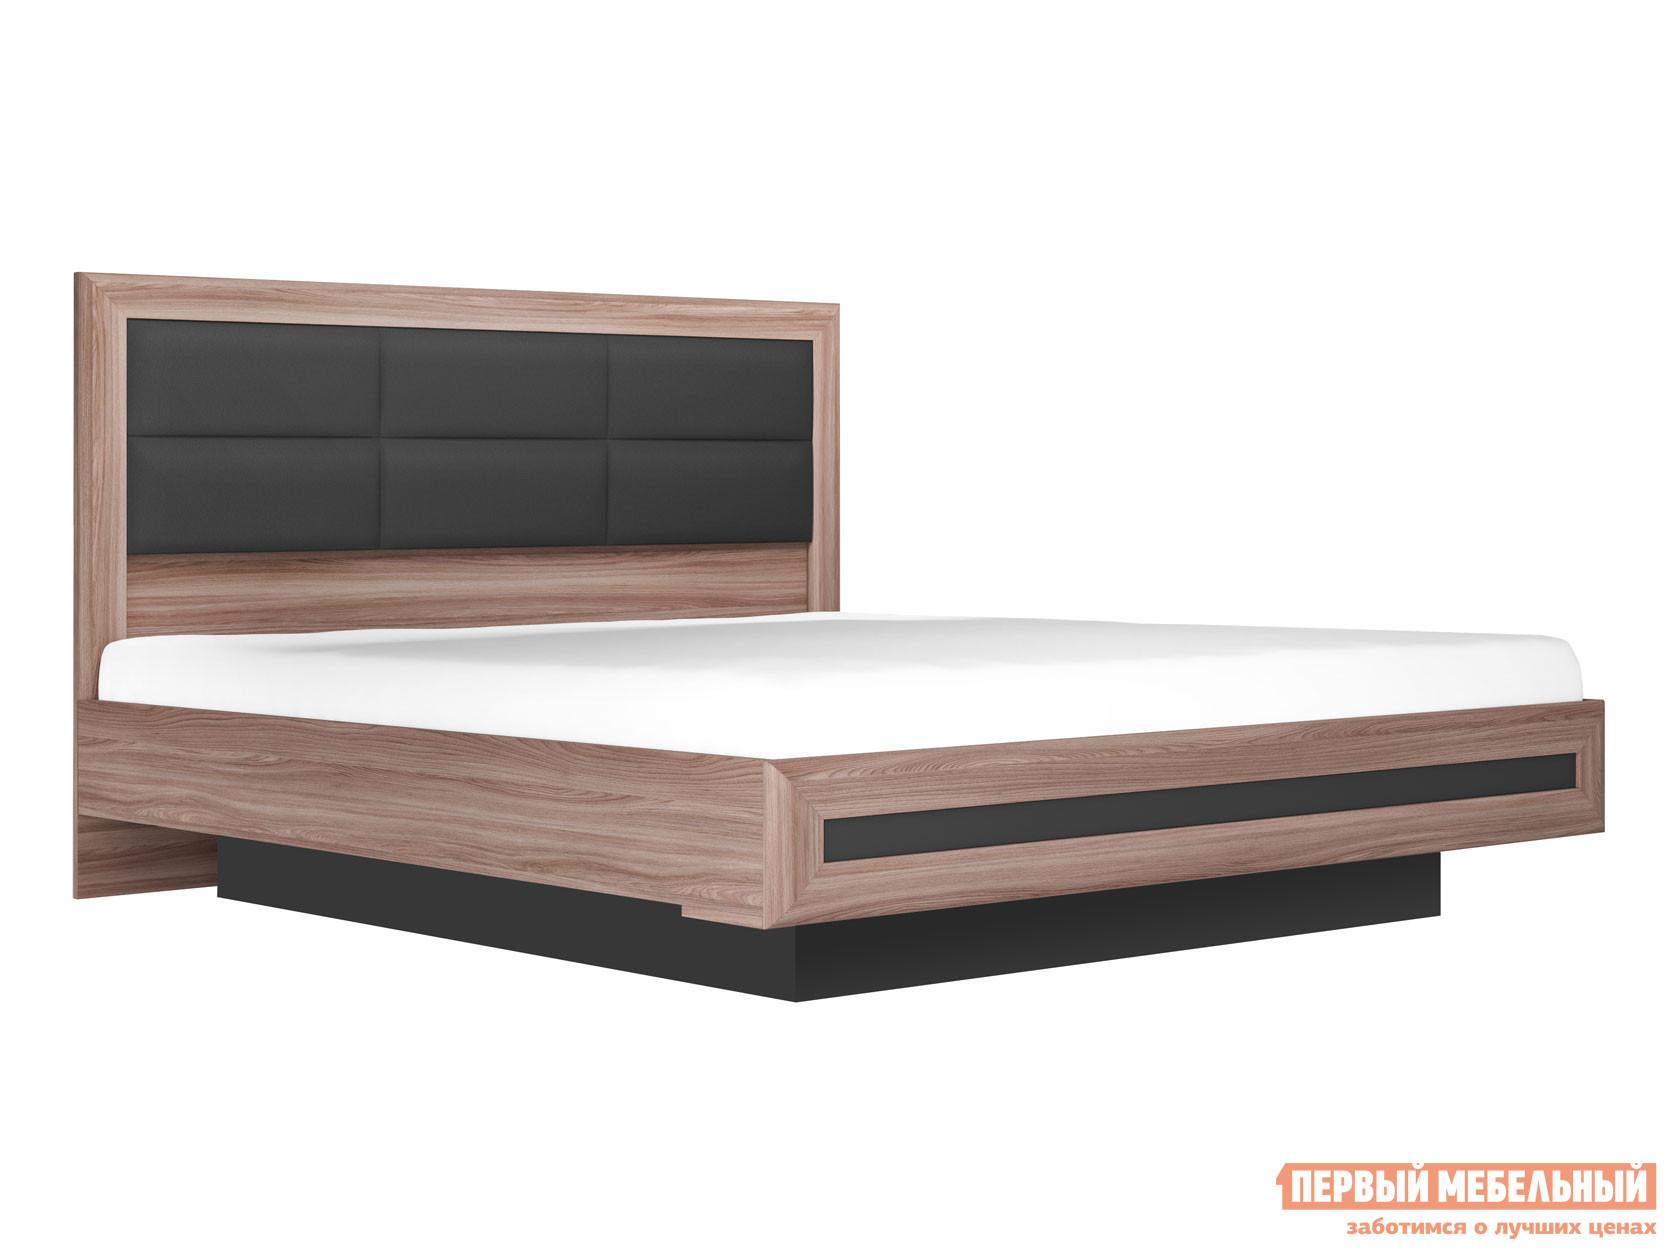 Двуспальная кровать  с подъемным механизмом Модена Ясень шимо темный / Антрацит, 1400 Х 2000 мм КУРАЖ 102512